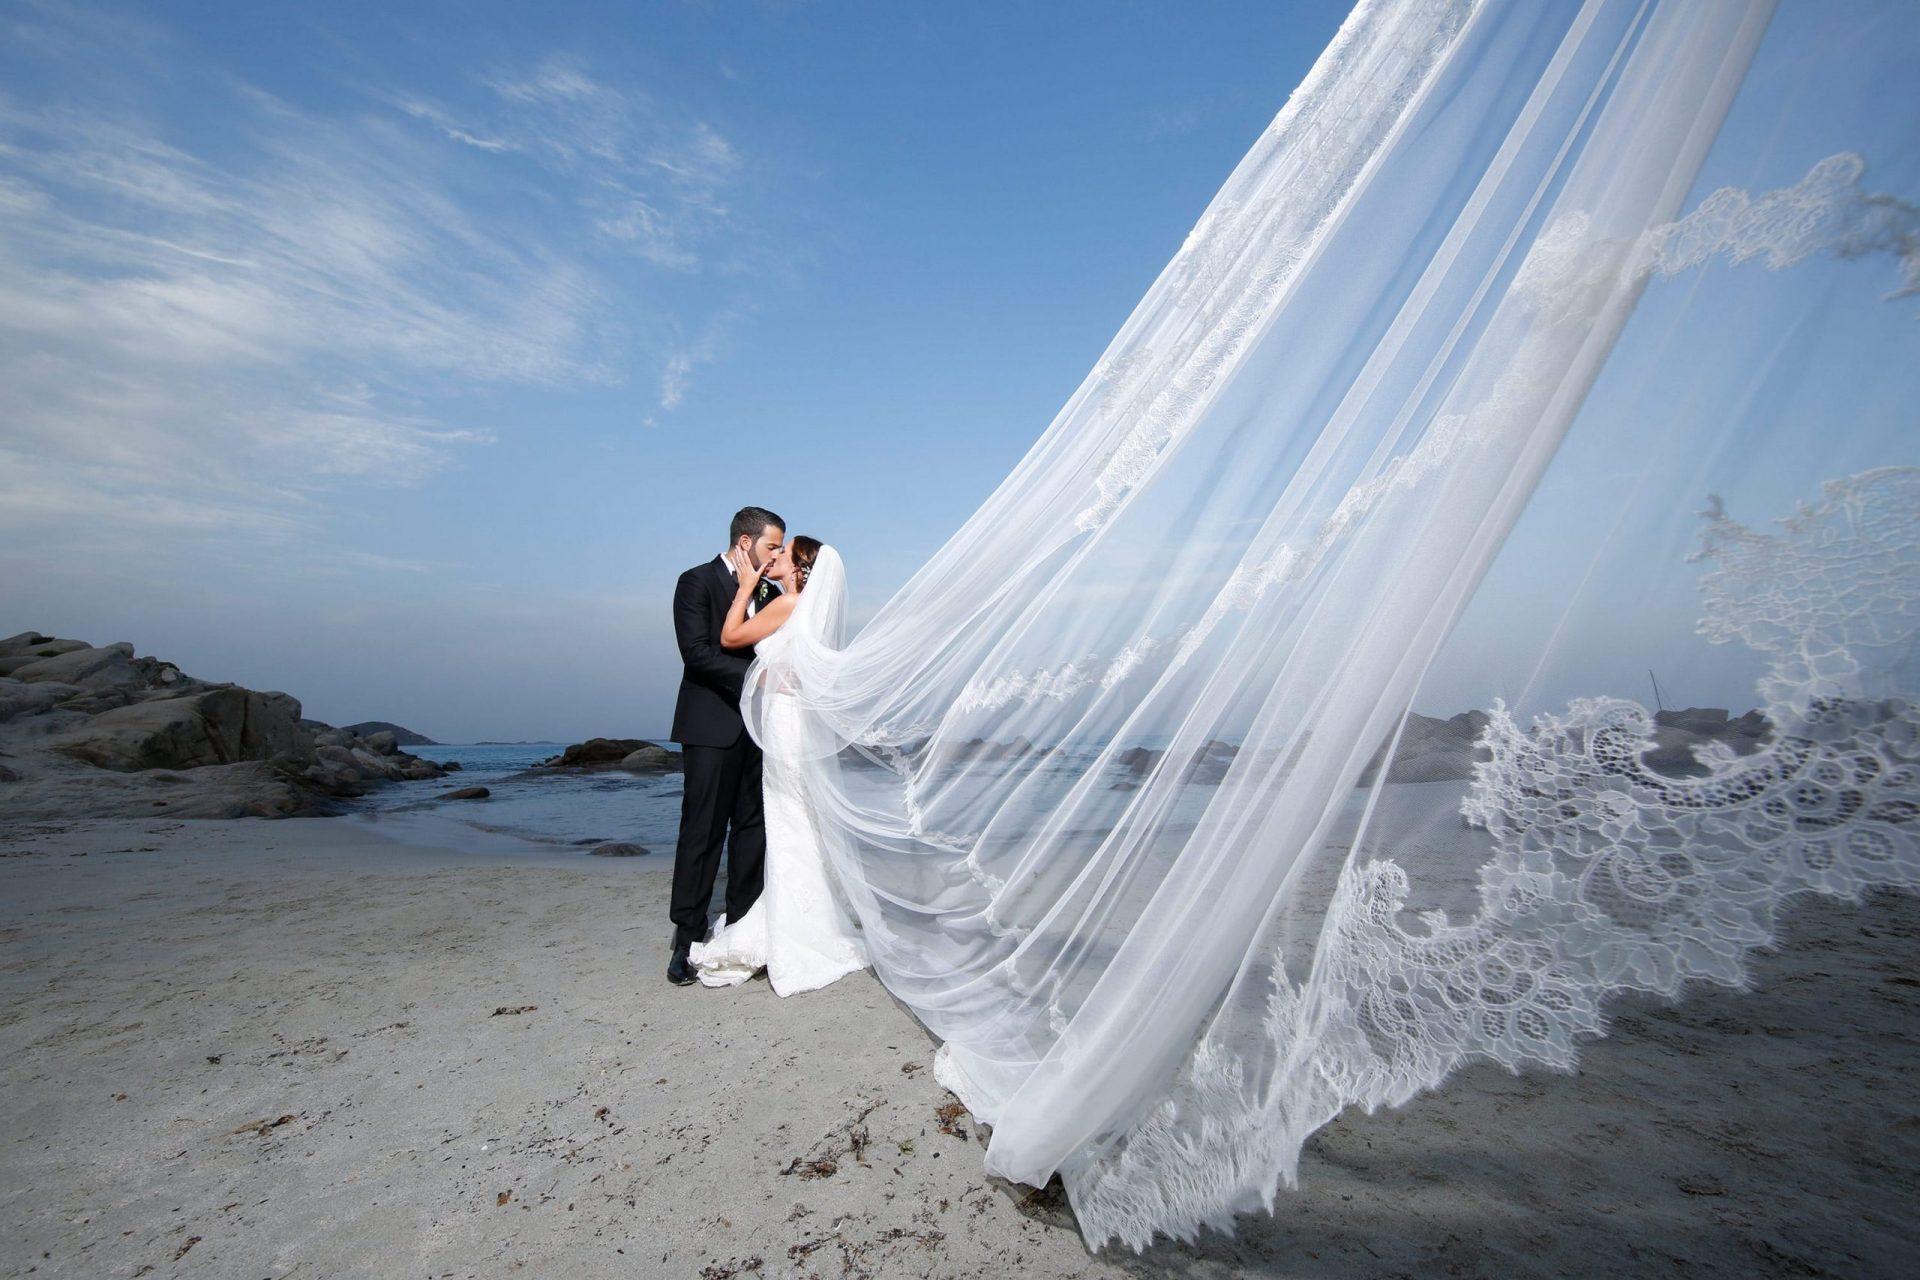 Enza e Samuele, wedding in Villasimius